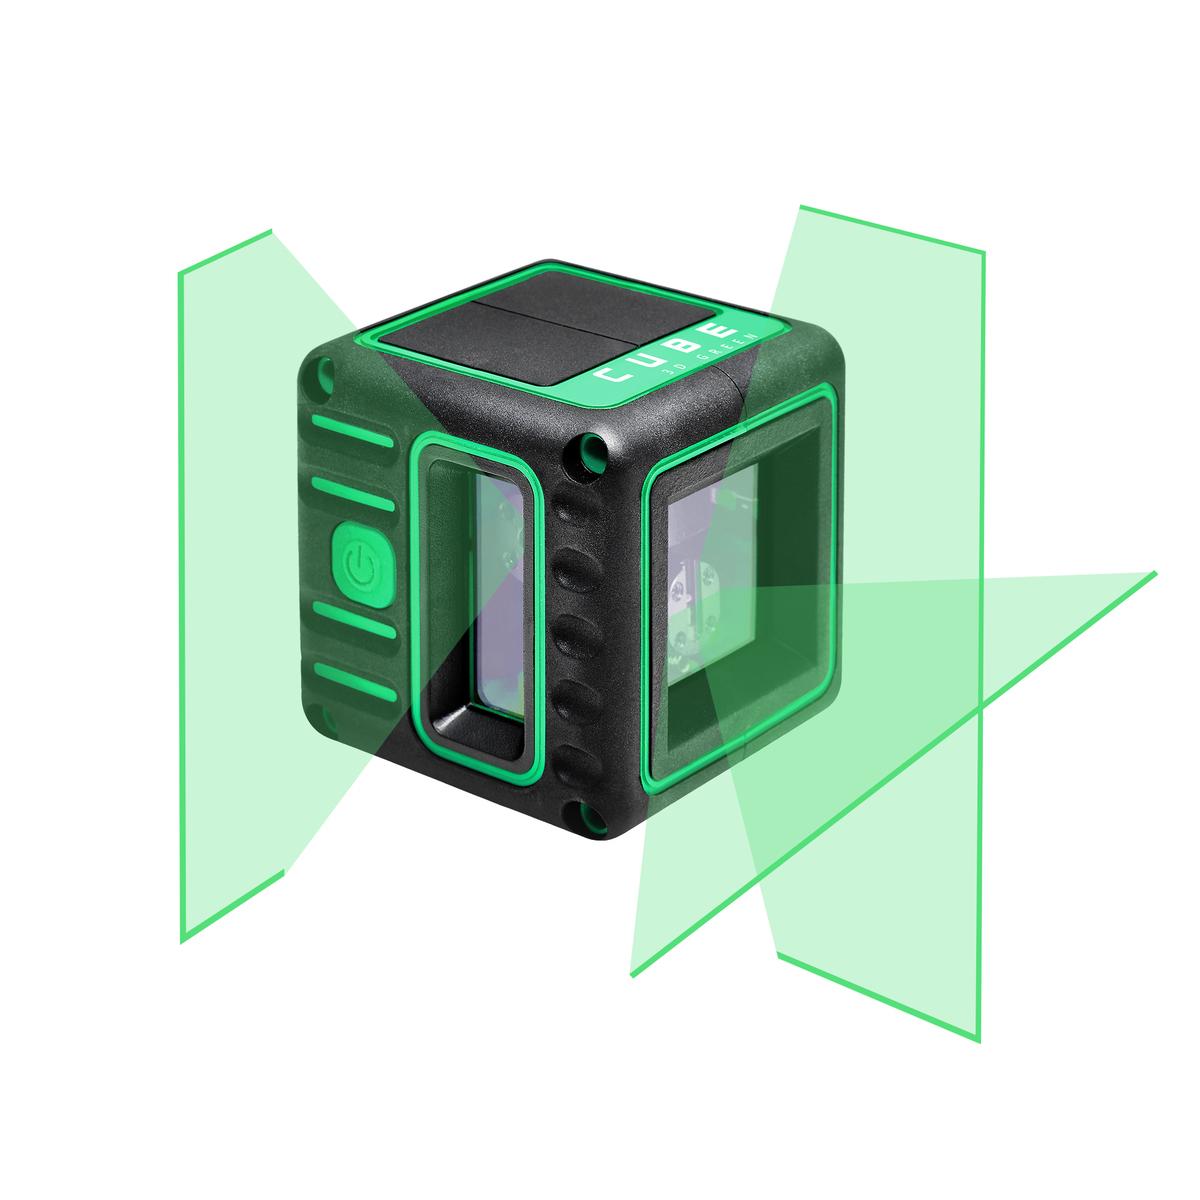 グリーンレーザー墨出し器の定番と言えば縦、横、大矩。こんなにコンパクトでこの3拍子揃ったのは本機だけ!しかも、受光器にも対応します。日本語取説付き グリーン レーザー墨出し器 キューブプロ2V1H エレベーター三脚付き 受光器(別売りLR60G)対応 高輝度 レーザーレベル 墨出器 測定器 オートラインレーザー レーザーライン 墨出しレーザー 自動補正 小型 墨出し機 レーザー水平器 送料無料